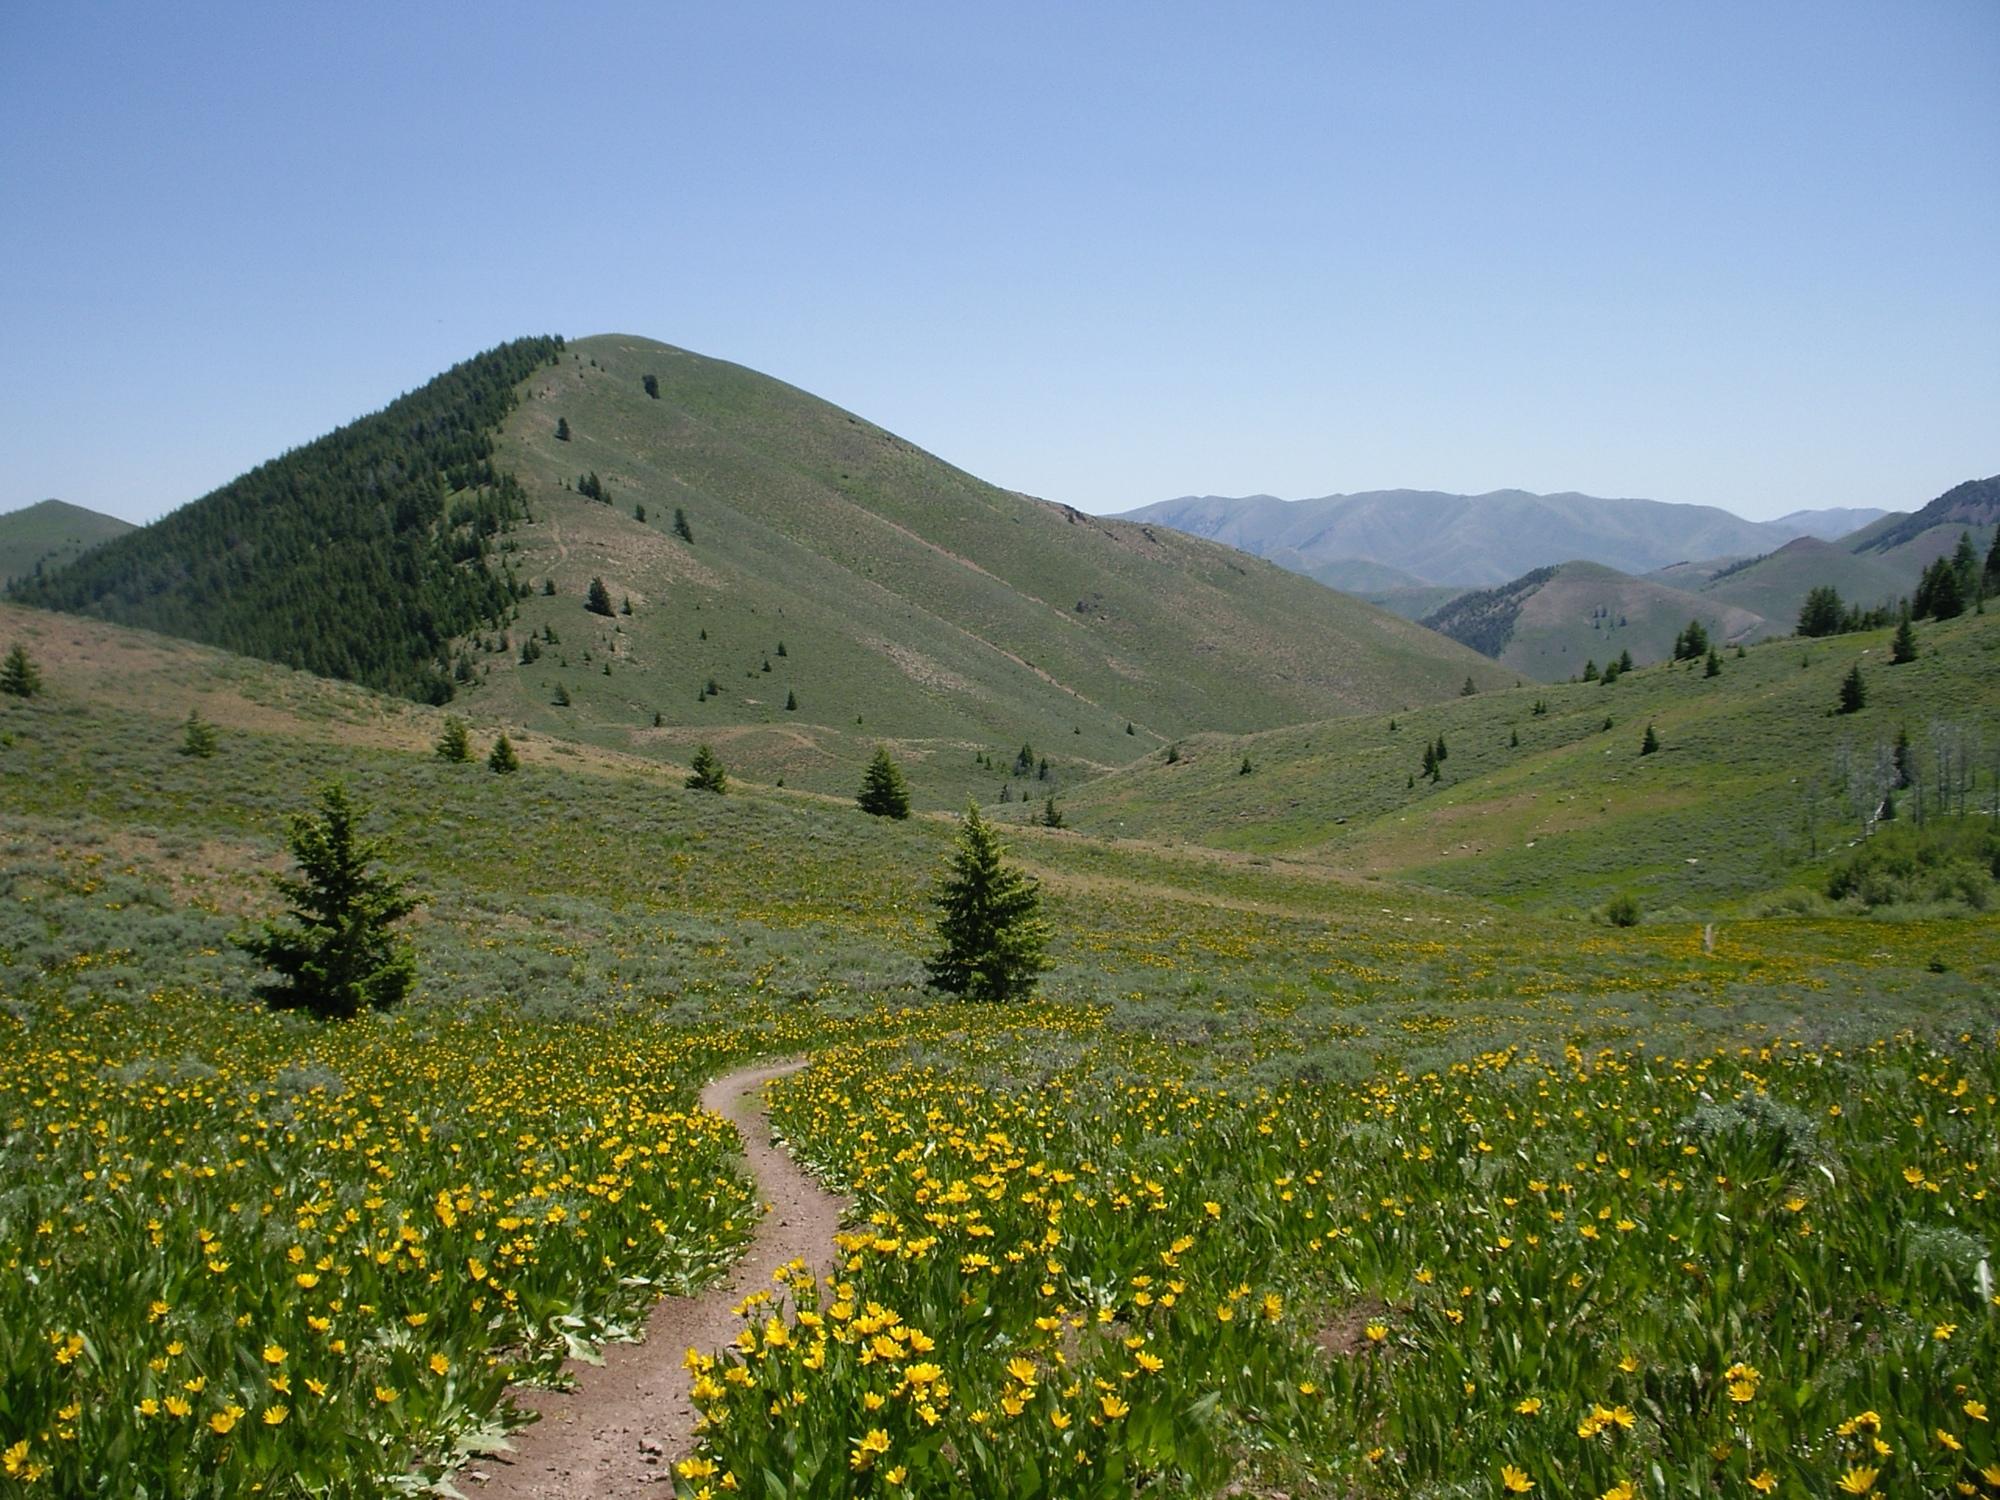 vanlife-rv-campervan-rent-idaho-sun-valley-boise-wandervans-wanderlust-skiing-snowboard-biking-hiking-outsidevan-Wandervans-stanley-flow-trail-sunvalley